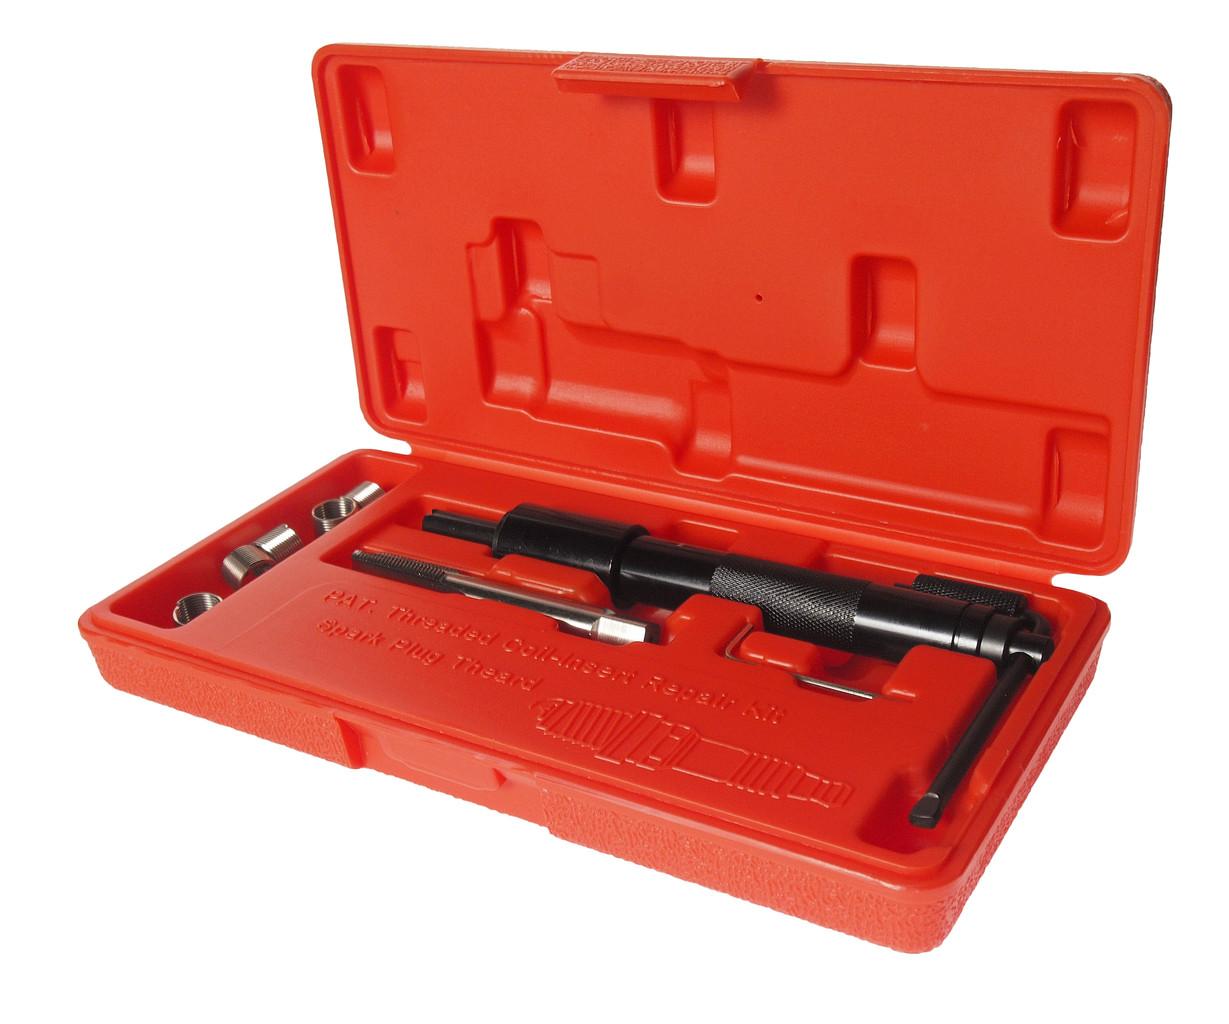 JTC Набор инструментов для восстановления резьбы свечей зажигания (пружинная вставка М12х1.25) 5шт. JTC